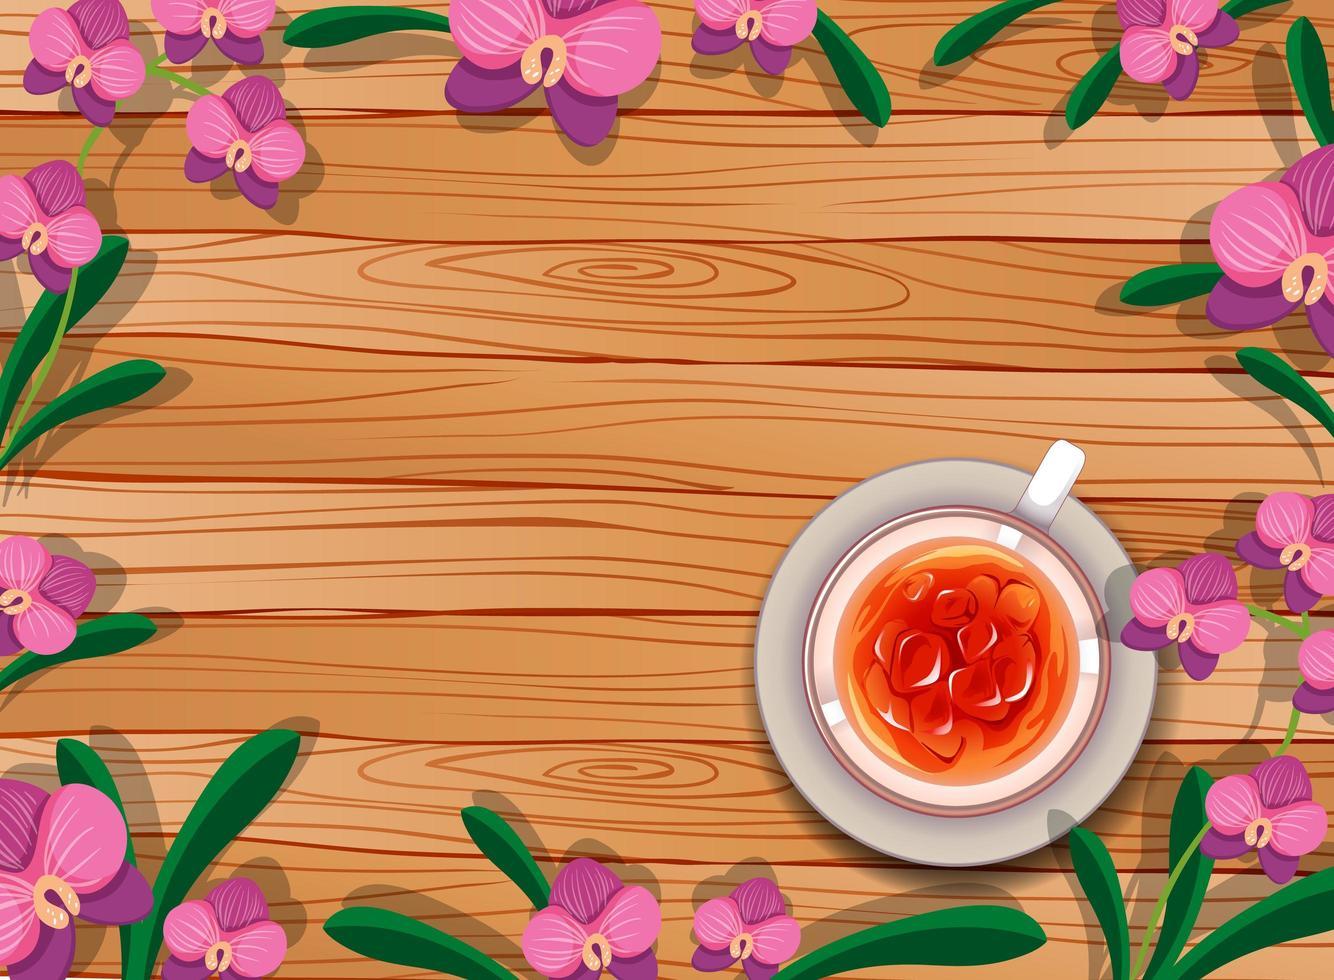 ovanifrån av tomt träbord med te och blommor vektor